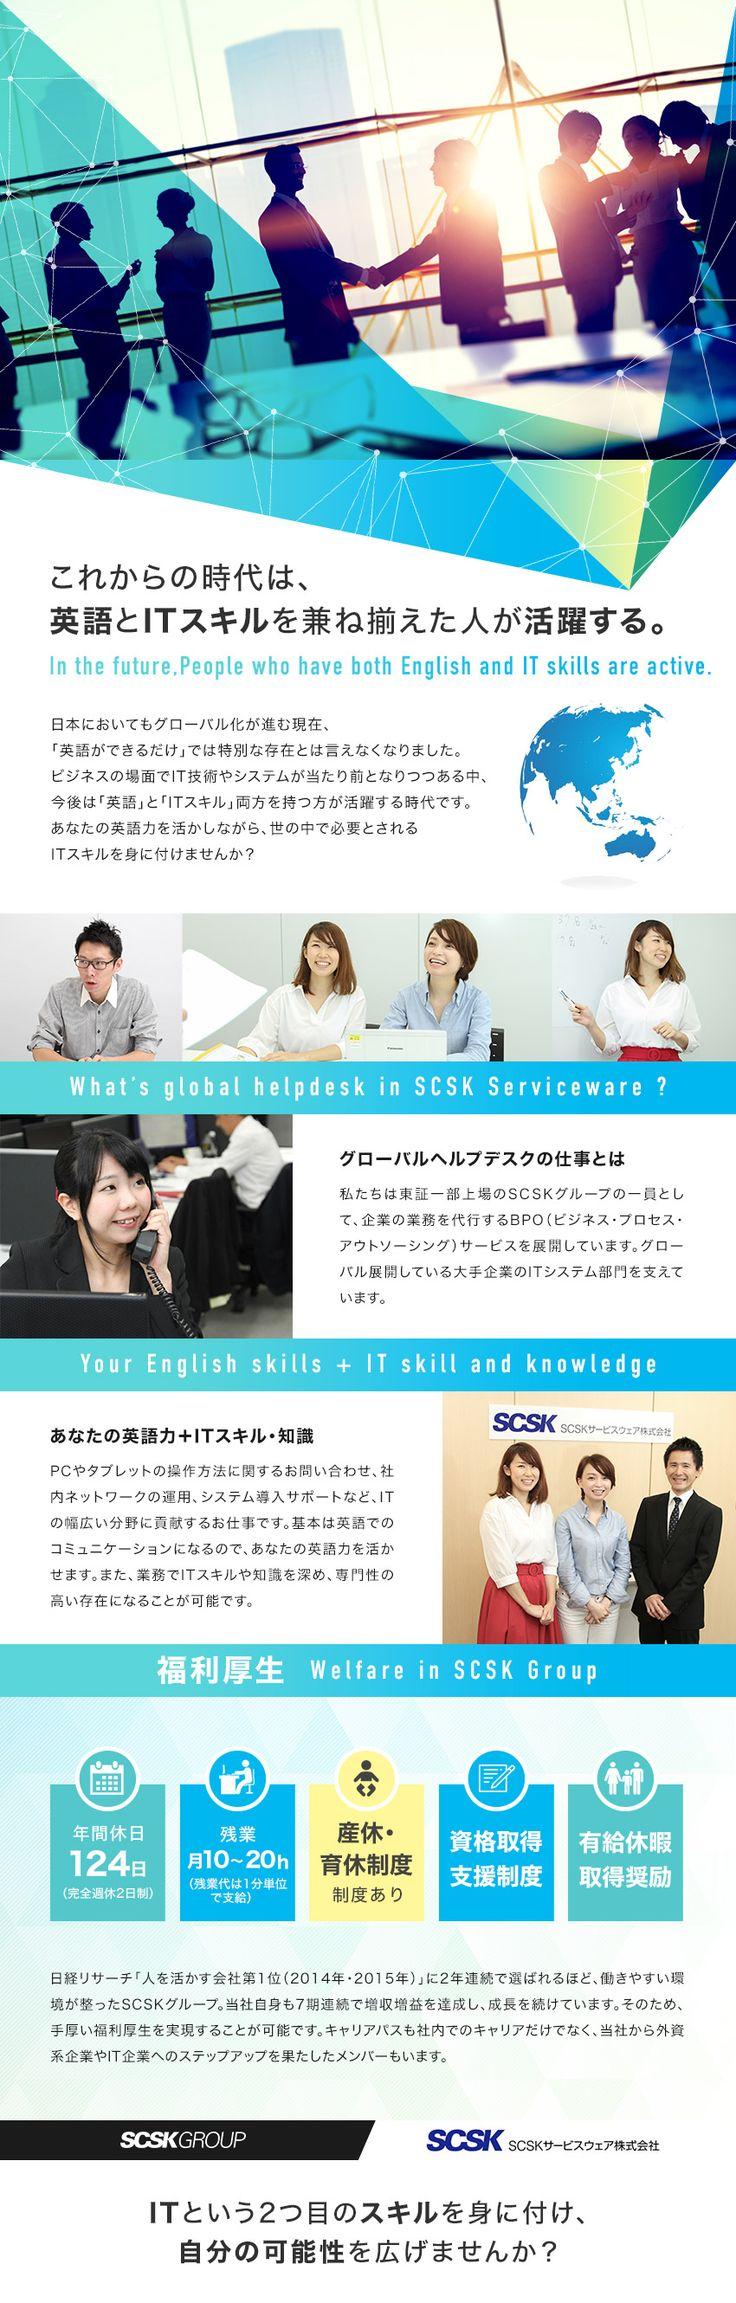 SCSKサービスウェア株式会社/(未経験歓迎)英語力が活かせるグローバルヘルプデスク/「英語+IT」でキャリアを築けますの求人・求人情報ならDODA(デューダ)。仕事内容など詳しい採用情報や職場の雰囲気が伝わる情報が満載。